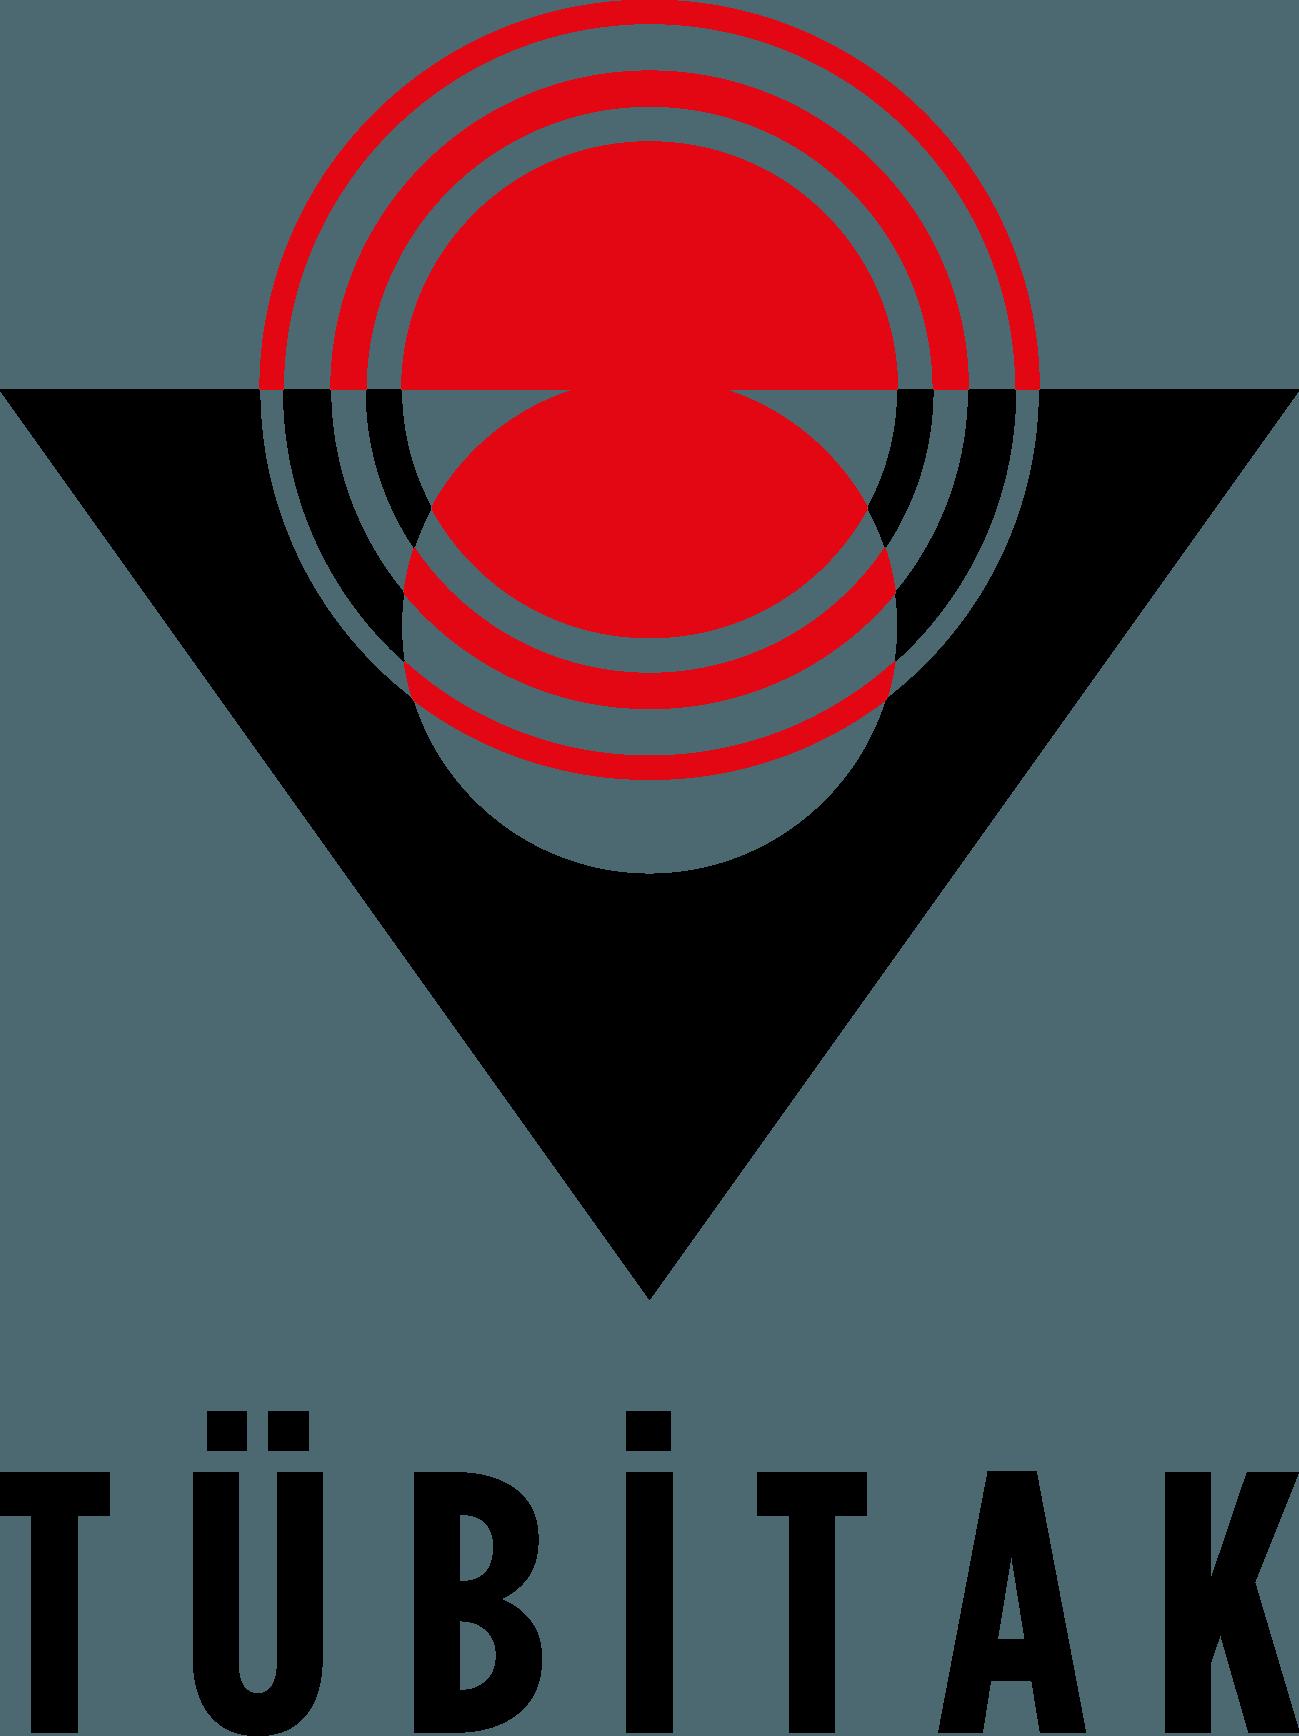 TÜBİTAK – Türkiye Bilimsel ve Teknolojik Araştırma Kurumu Logo [tubitak.gov.tr] png